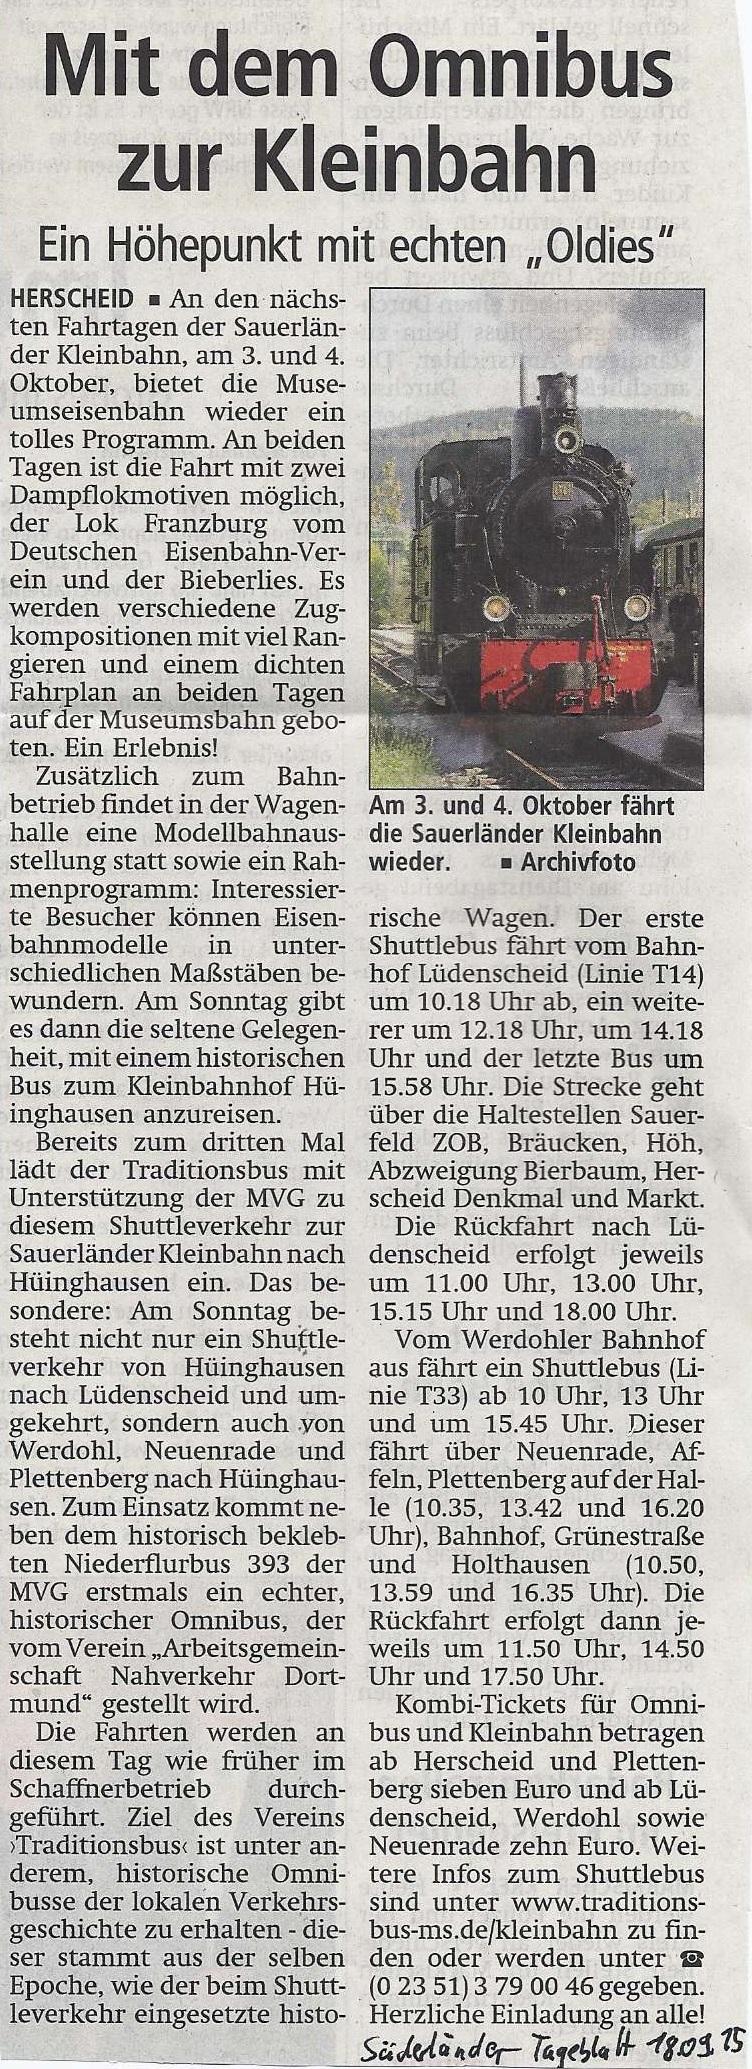 Süderländer Tageblatt vom 18.09.2015